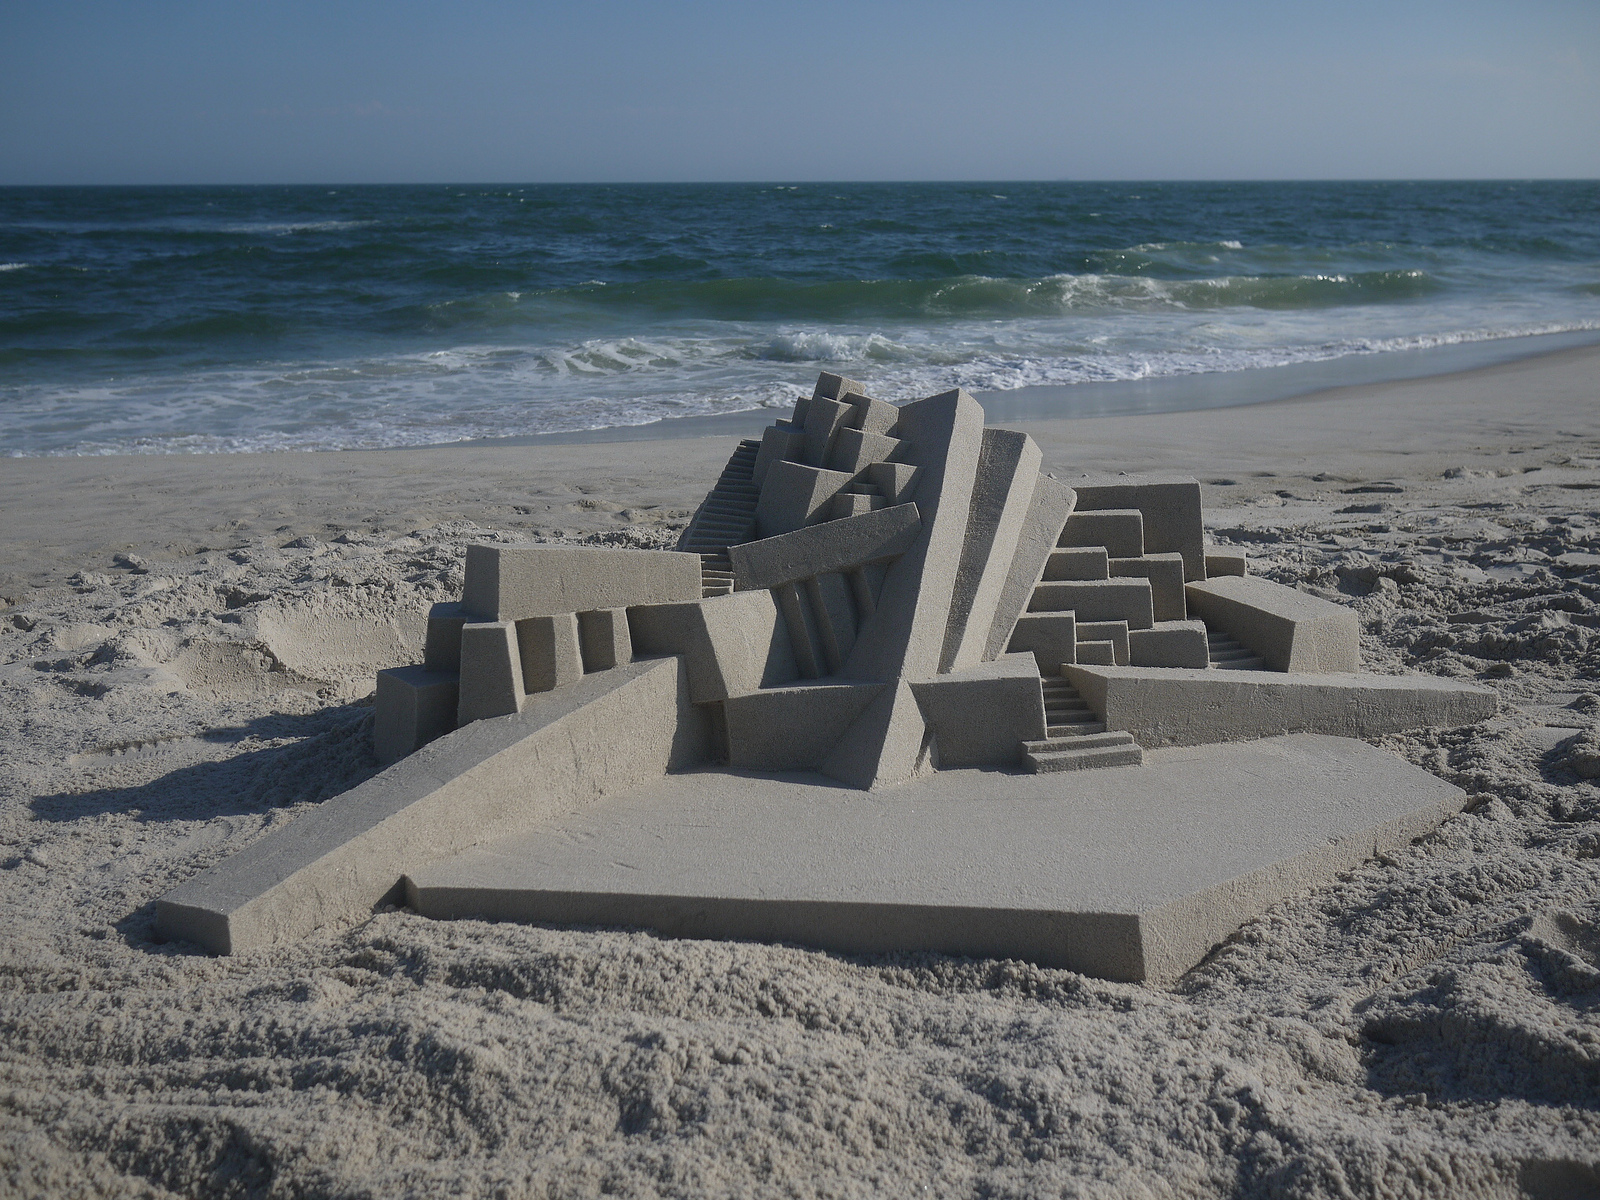 sand-castles-calvin-seibert- 07